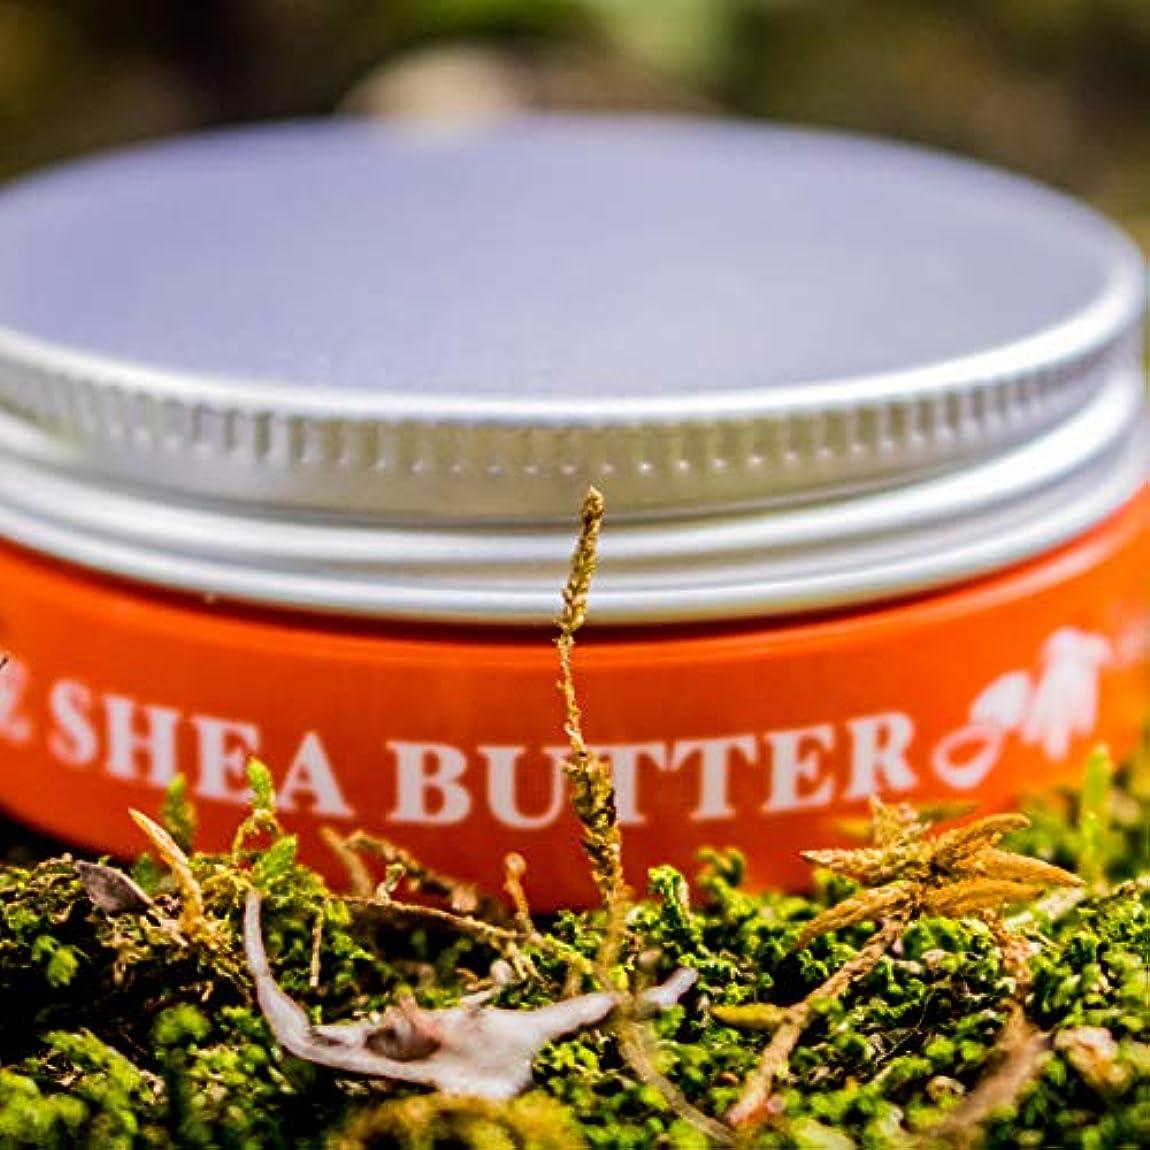 モニターカメラ活性化するJUJUBODY TRUE SHEA BUTTER 未精製シアバター(25g) (無香料)